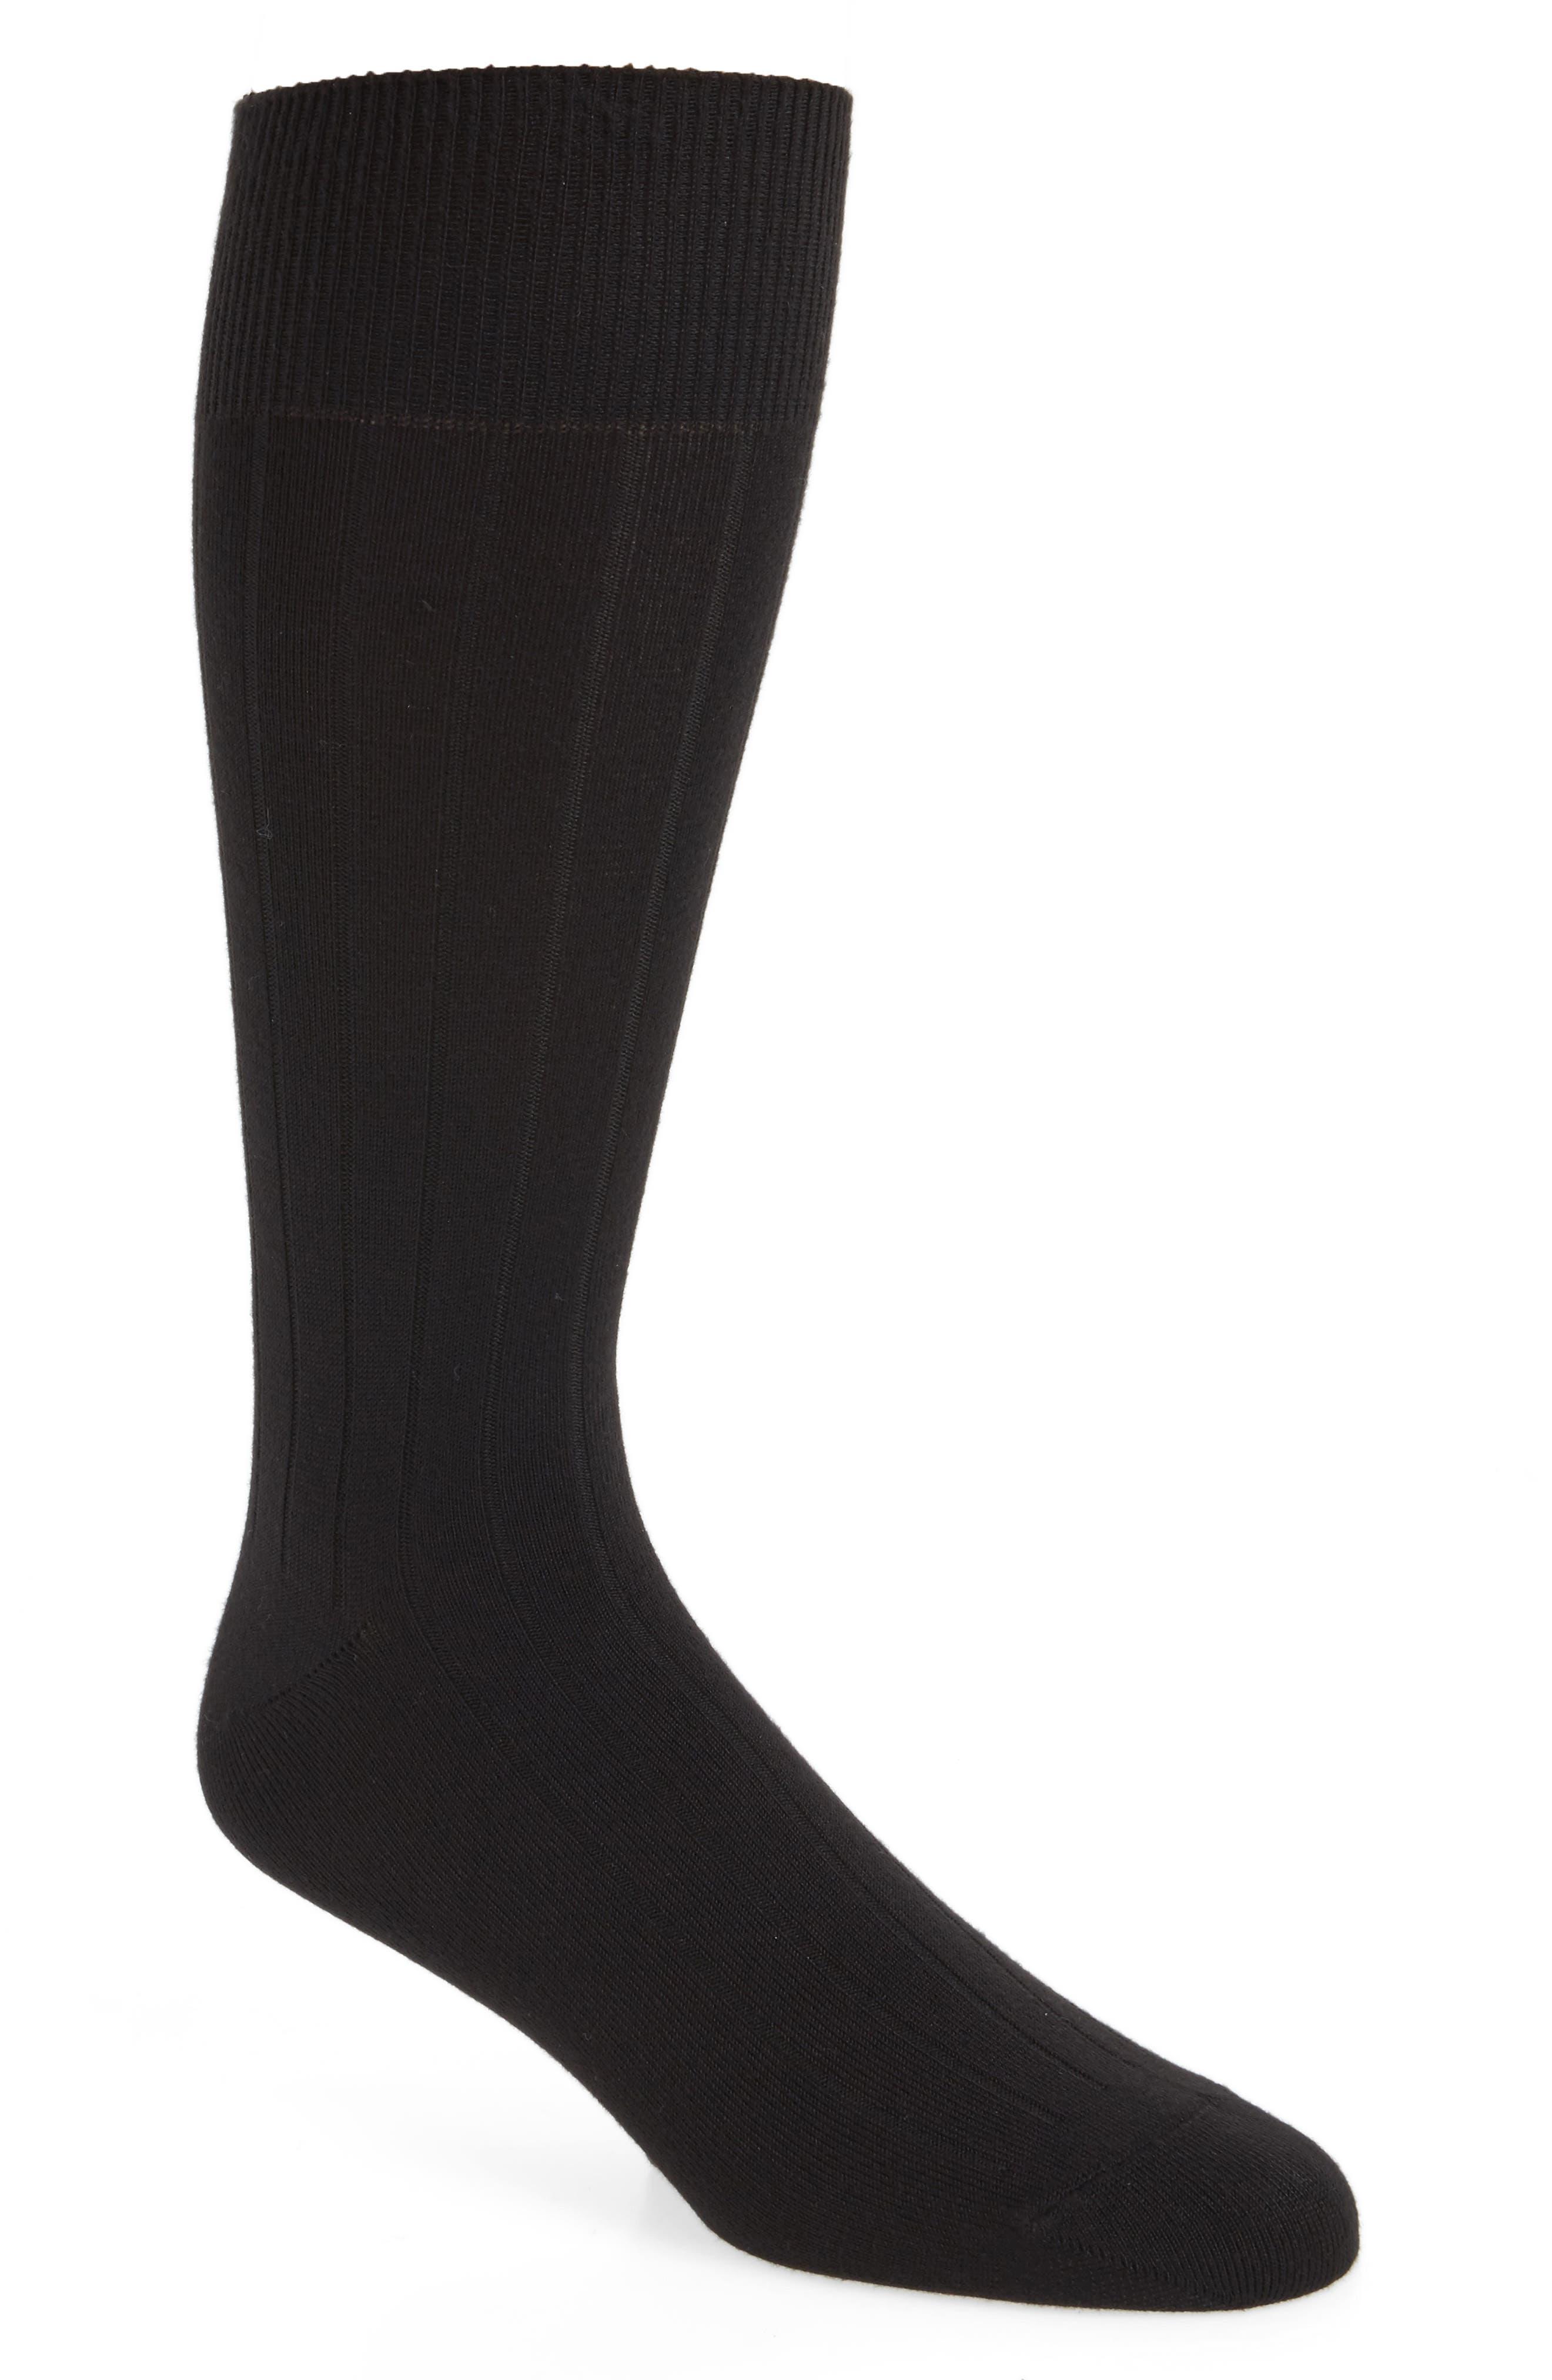 NORDSTROM MEN'S SHOP Ultra Soft Solid Ribbed Socks, Main, color, BLACK